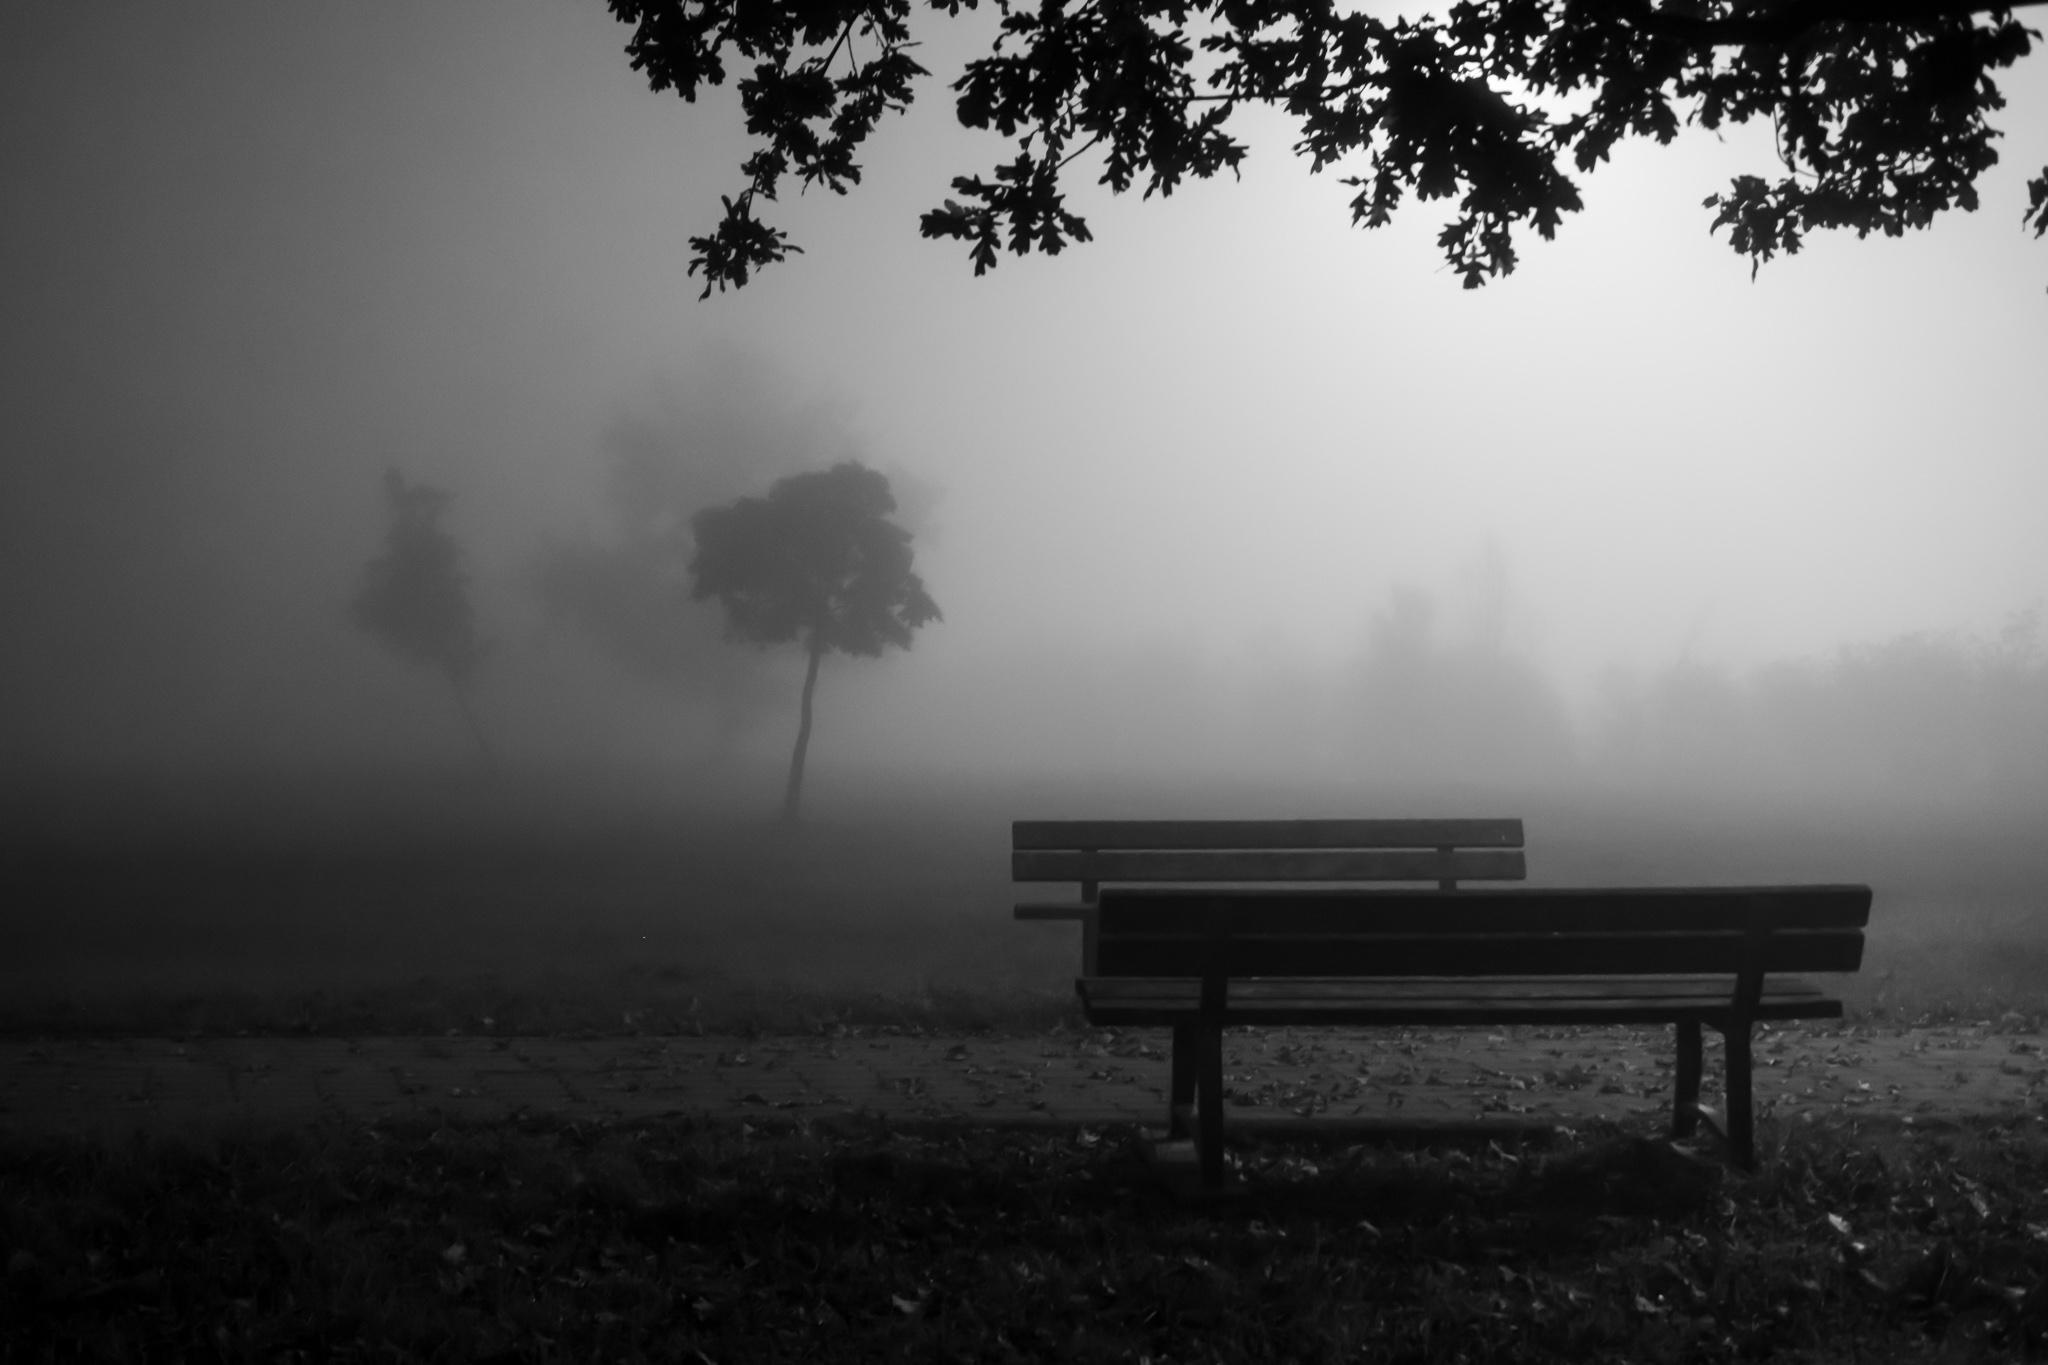 fog is a friend of conspiracies. But Changsan...